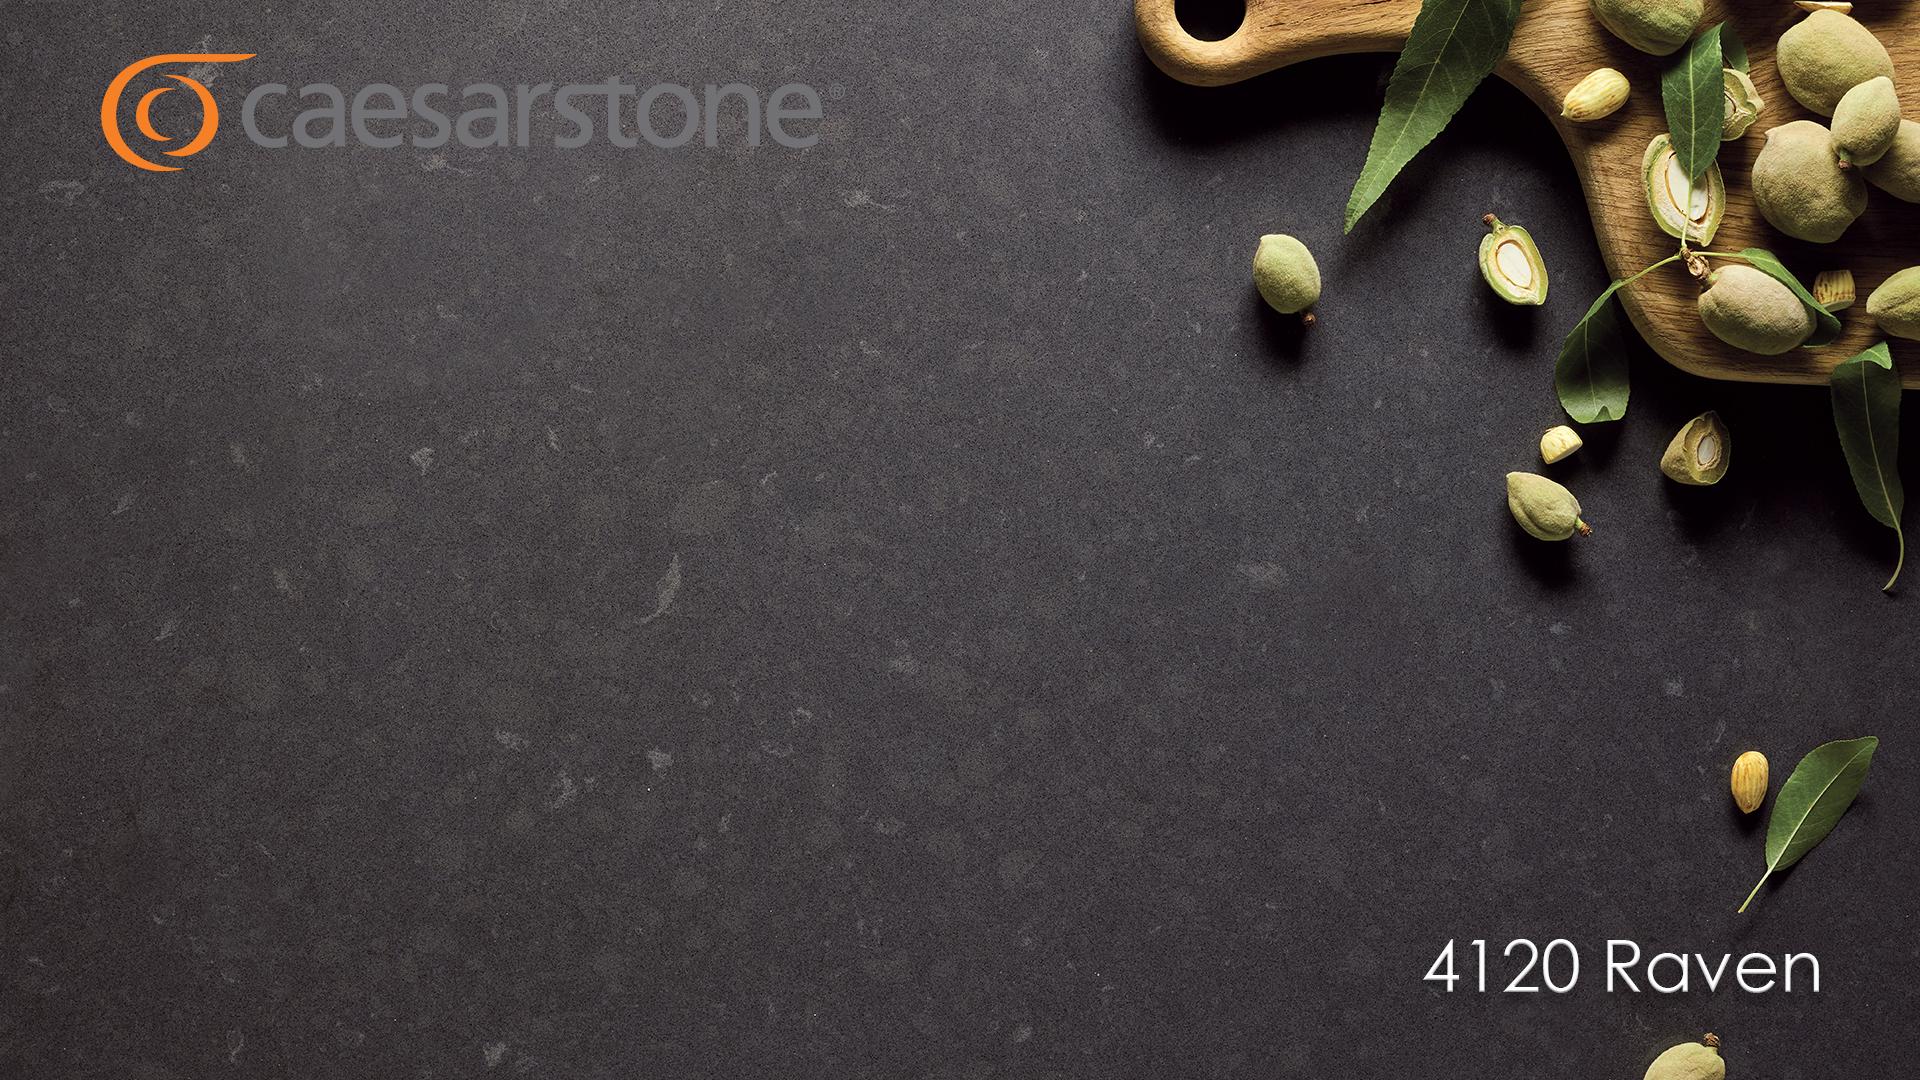 Caesarstone Quarzkomposit - Beispielbild - 4120 Raven